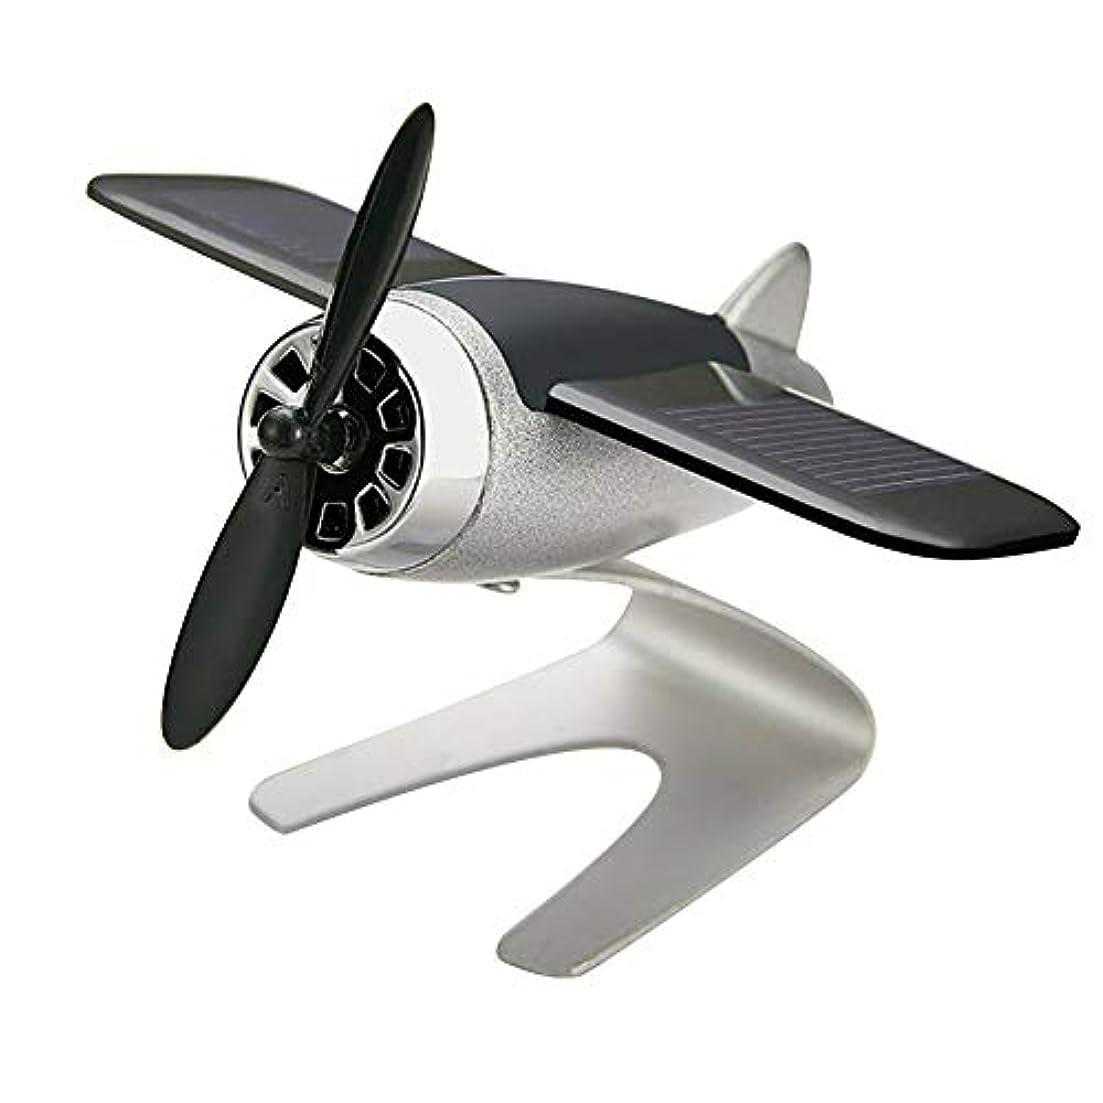 死んでいる残り虫Symboat 車の芳香剤飛行機航空機モデル太陽エネルギーアロマテラピー室内装飾